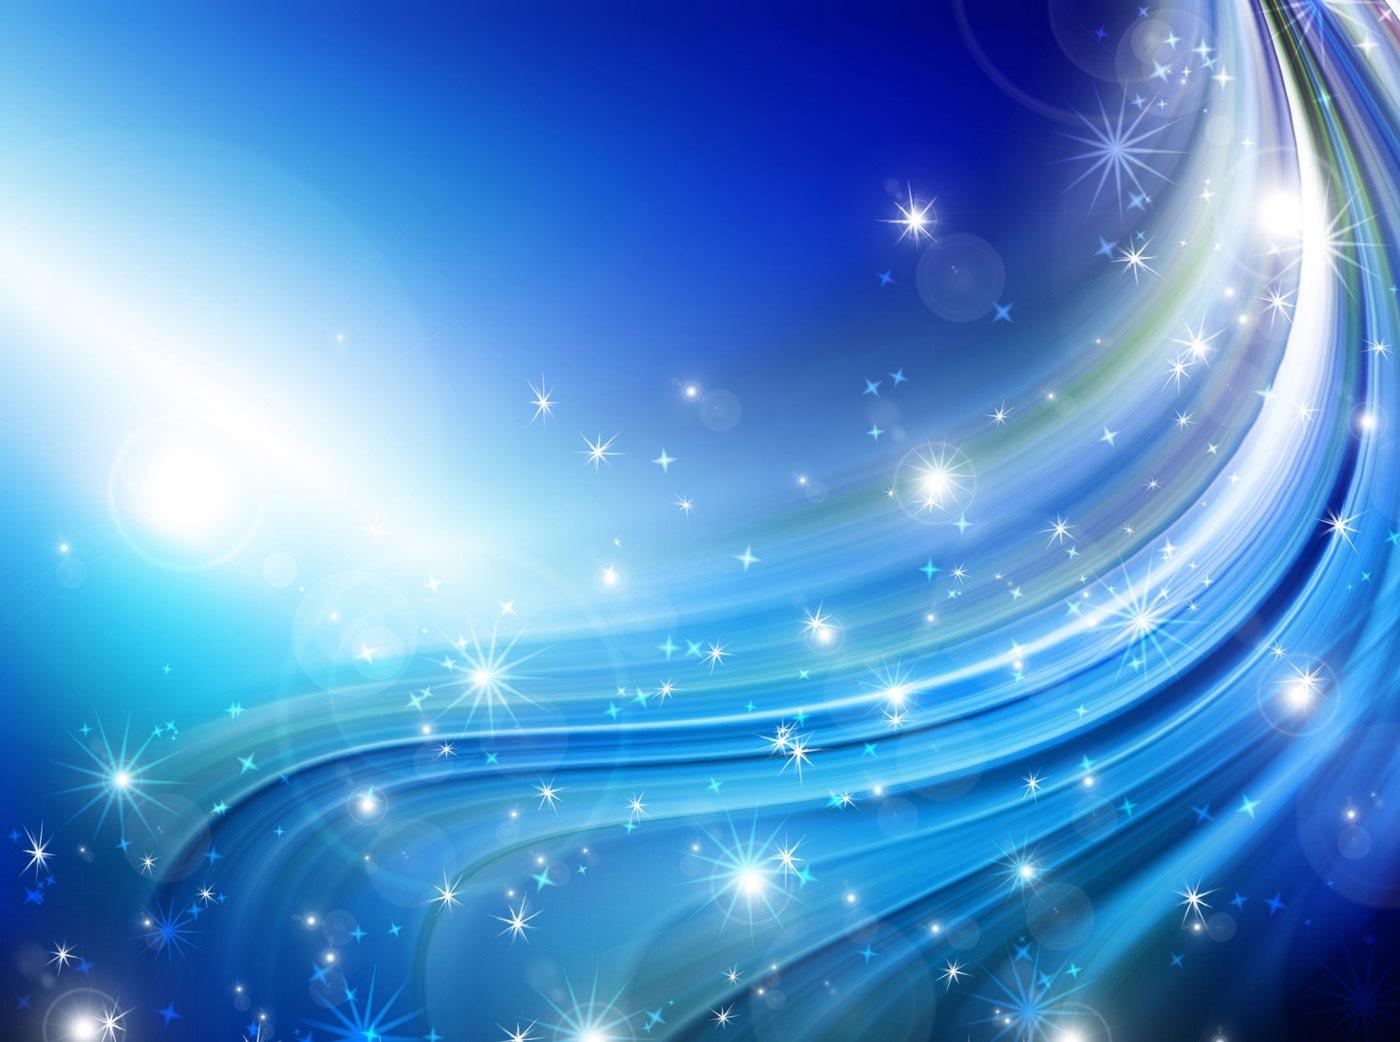 Sfondo Natalizio Azzurro Sfondo Desktop Natalizio Azzurro